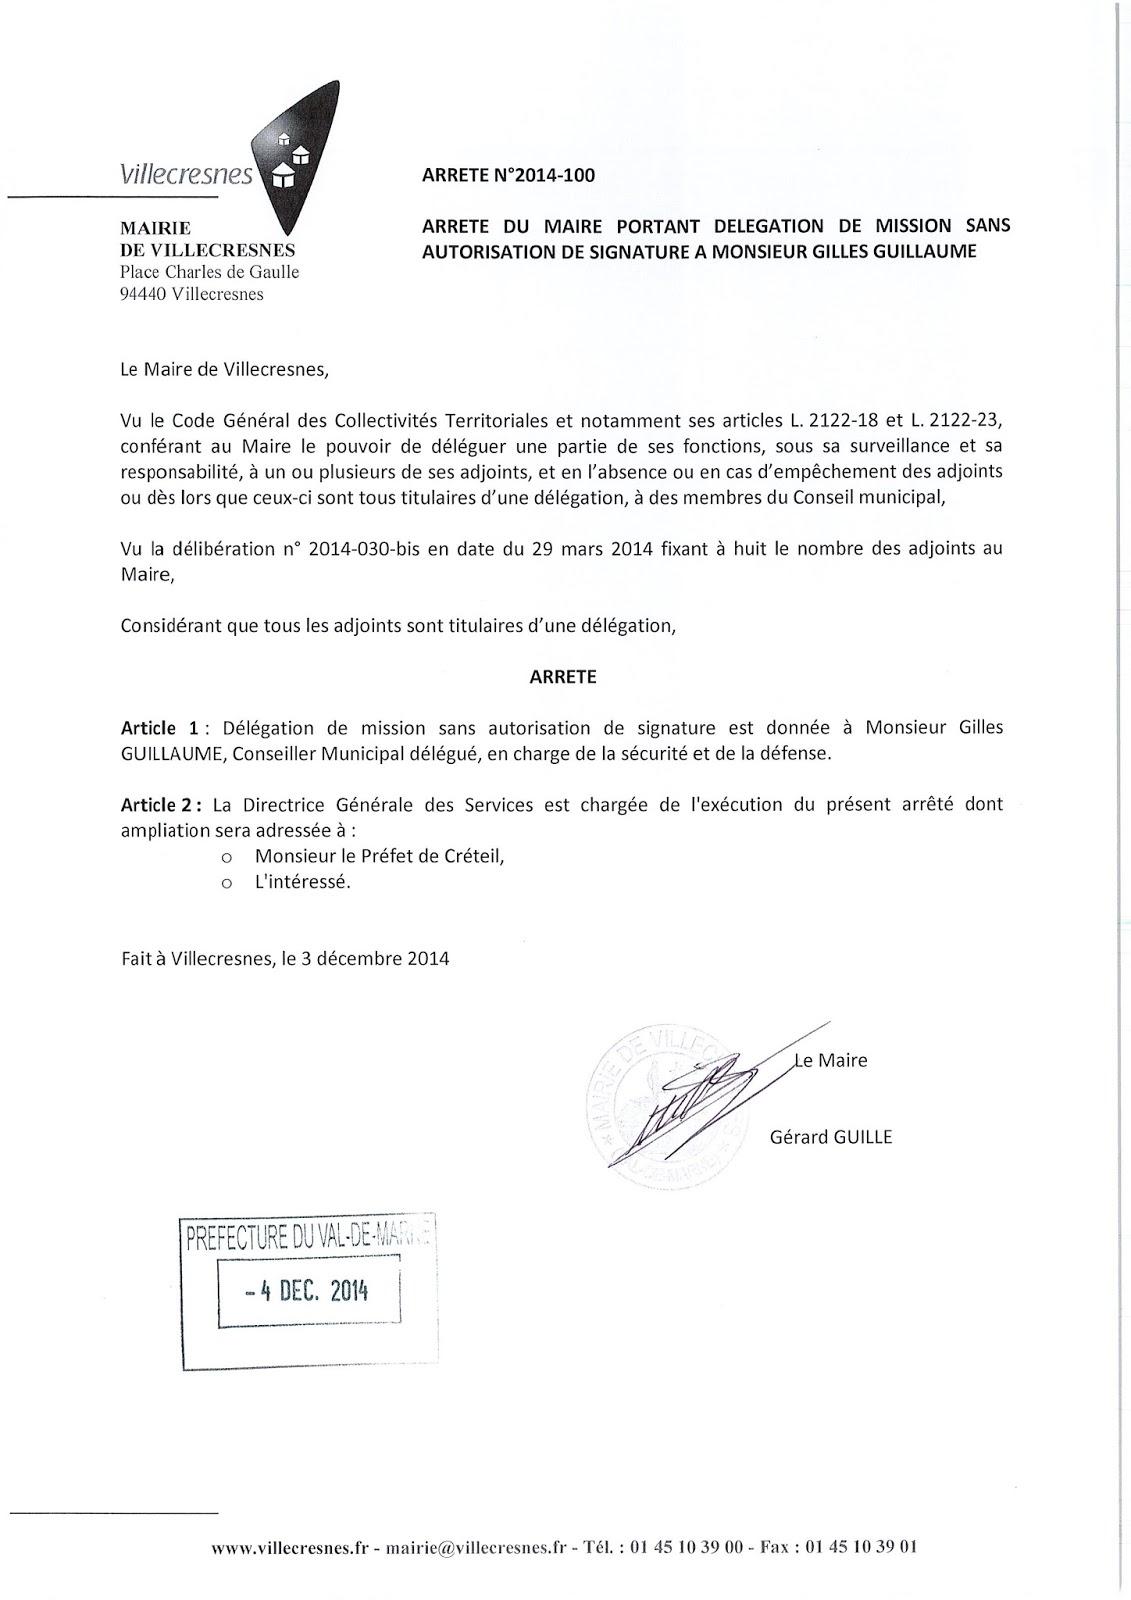 2014-100 Délégation de fonction mission sans autorisation de signature à Monsieur Gilles Guillaume